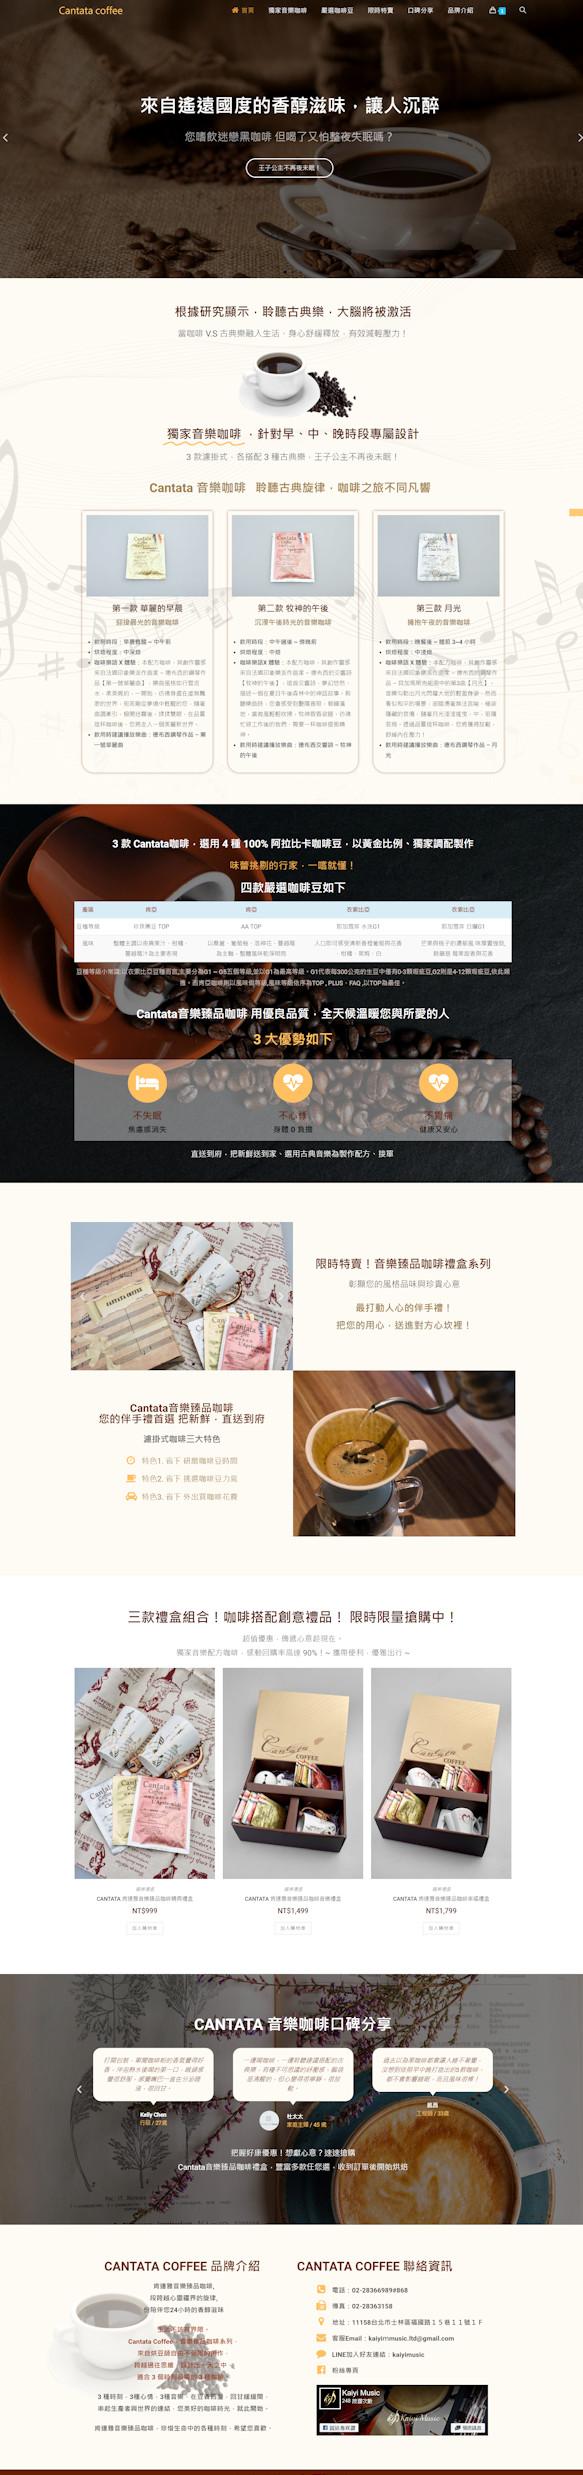 網頁設計-音樂咖啡1